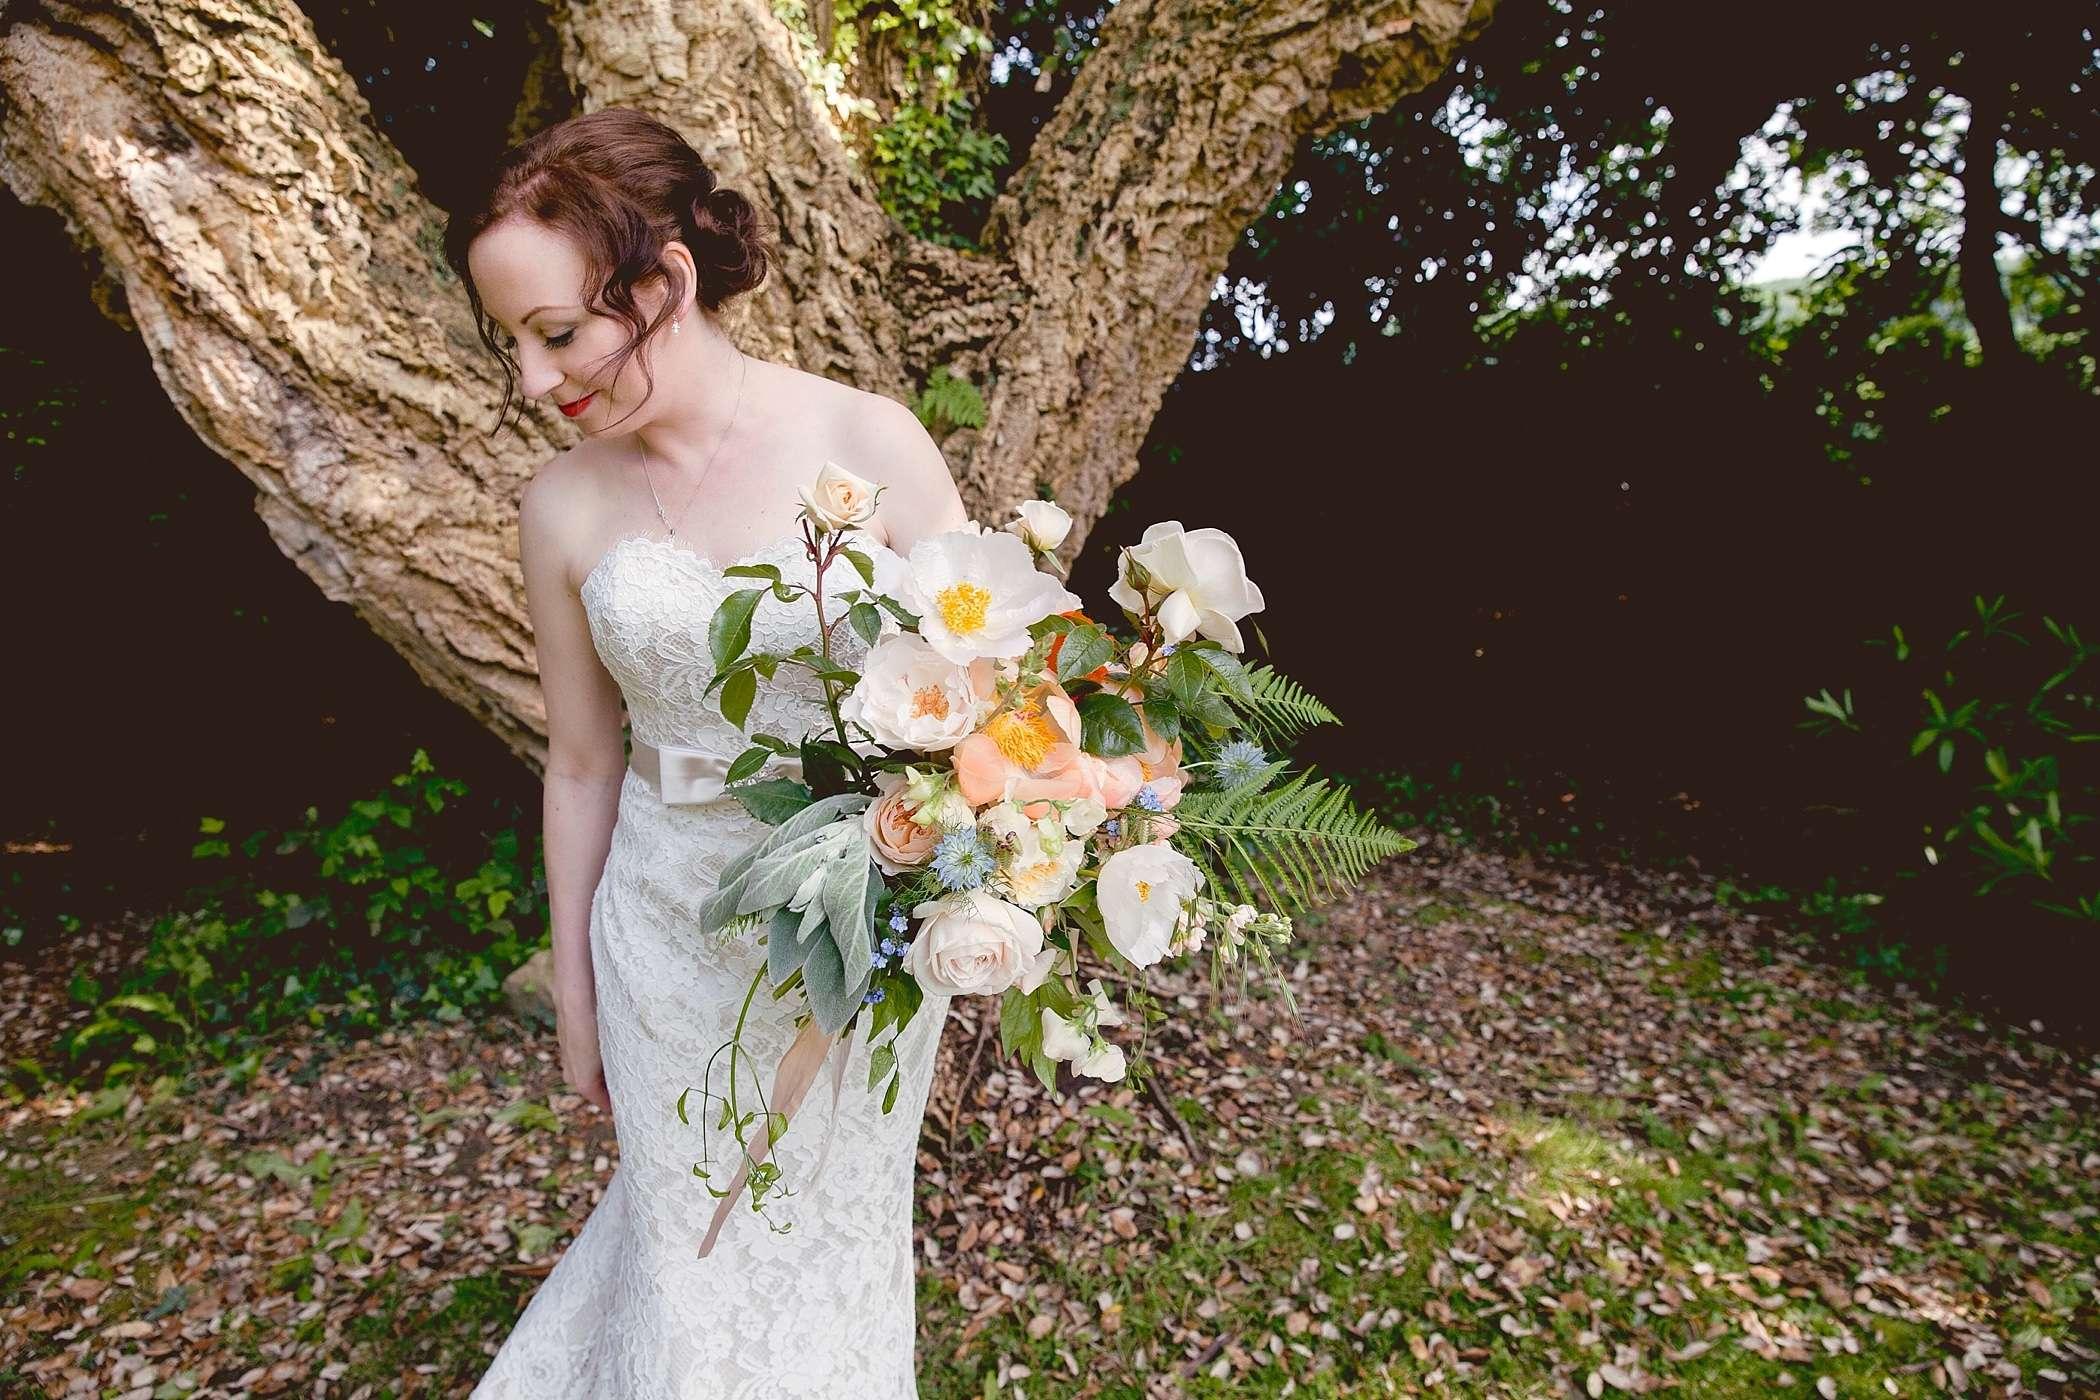 Colehayes Park bride portrait